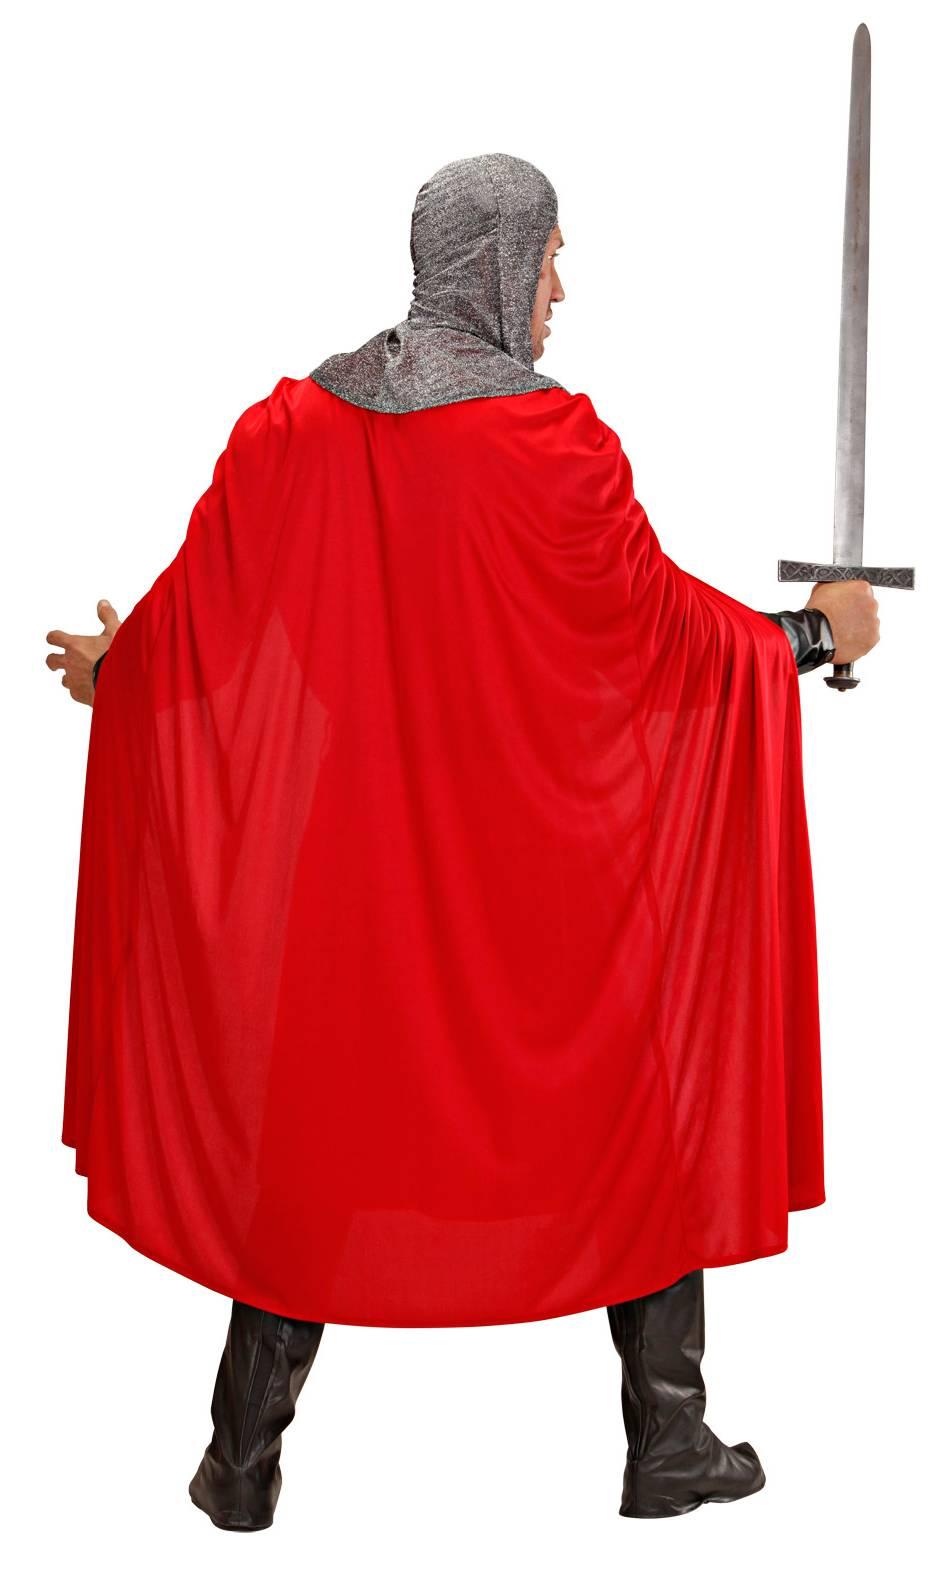 Costume-Templier-Chevalier-Croisé-Grande-taille-XL-2